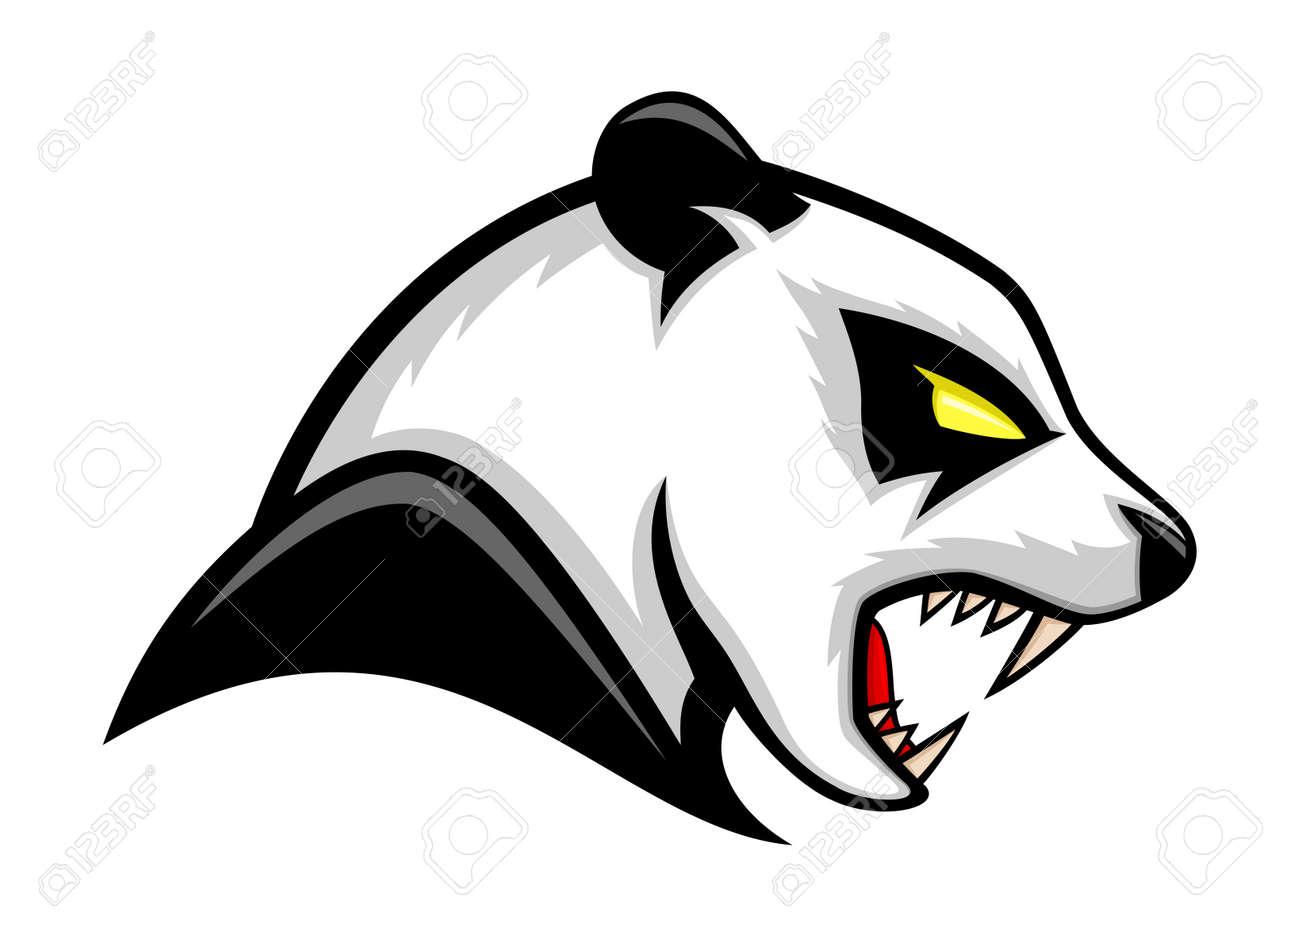 Illustration with panda bear icon isolated on white background. - 164653369